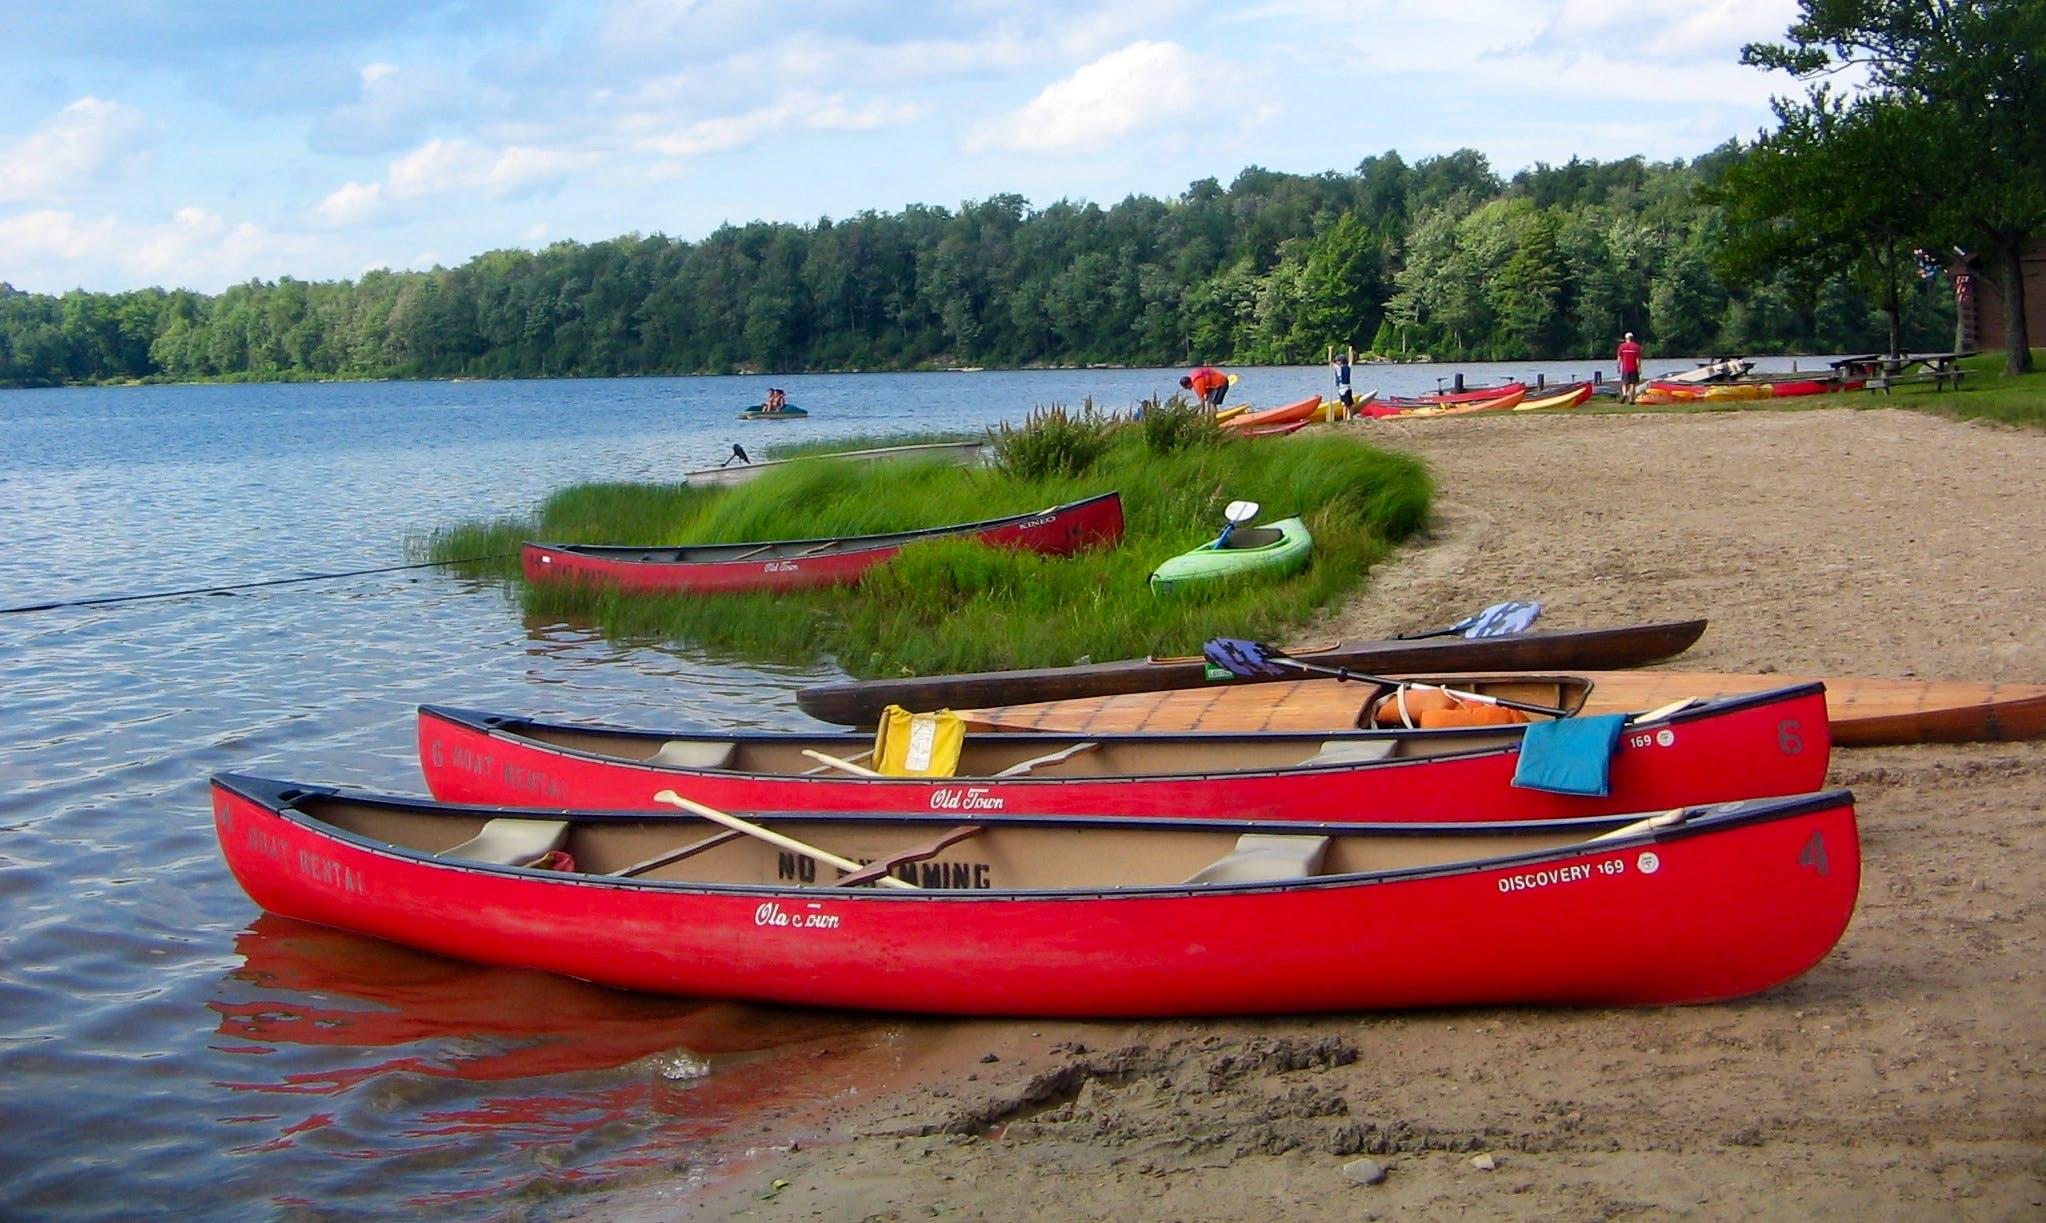 Canoe Rentals at Indian Lake Marina, PA